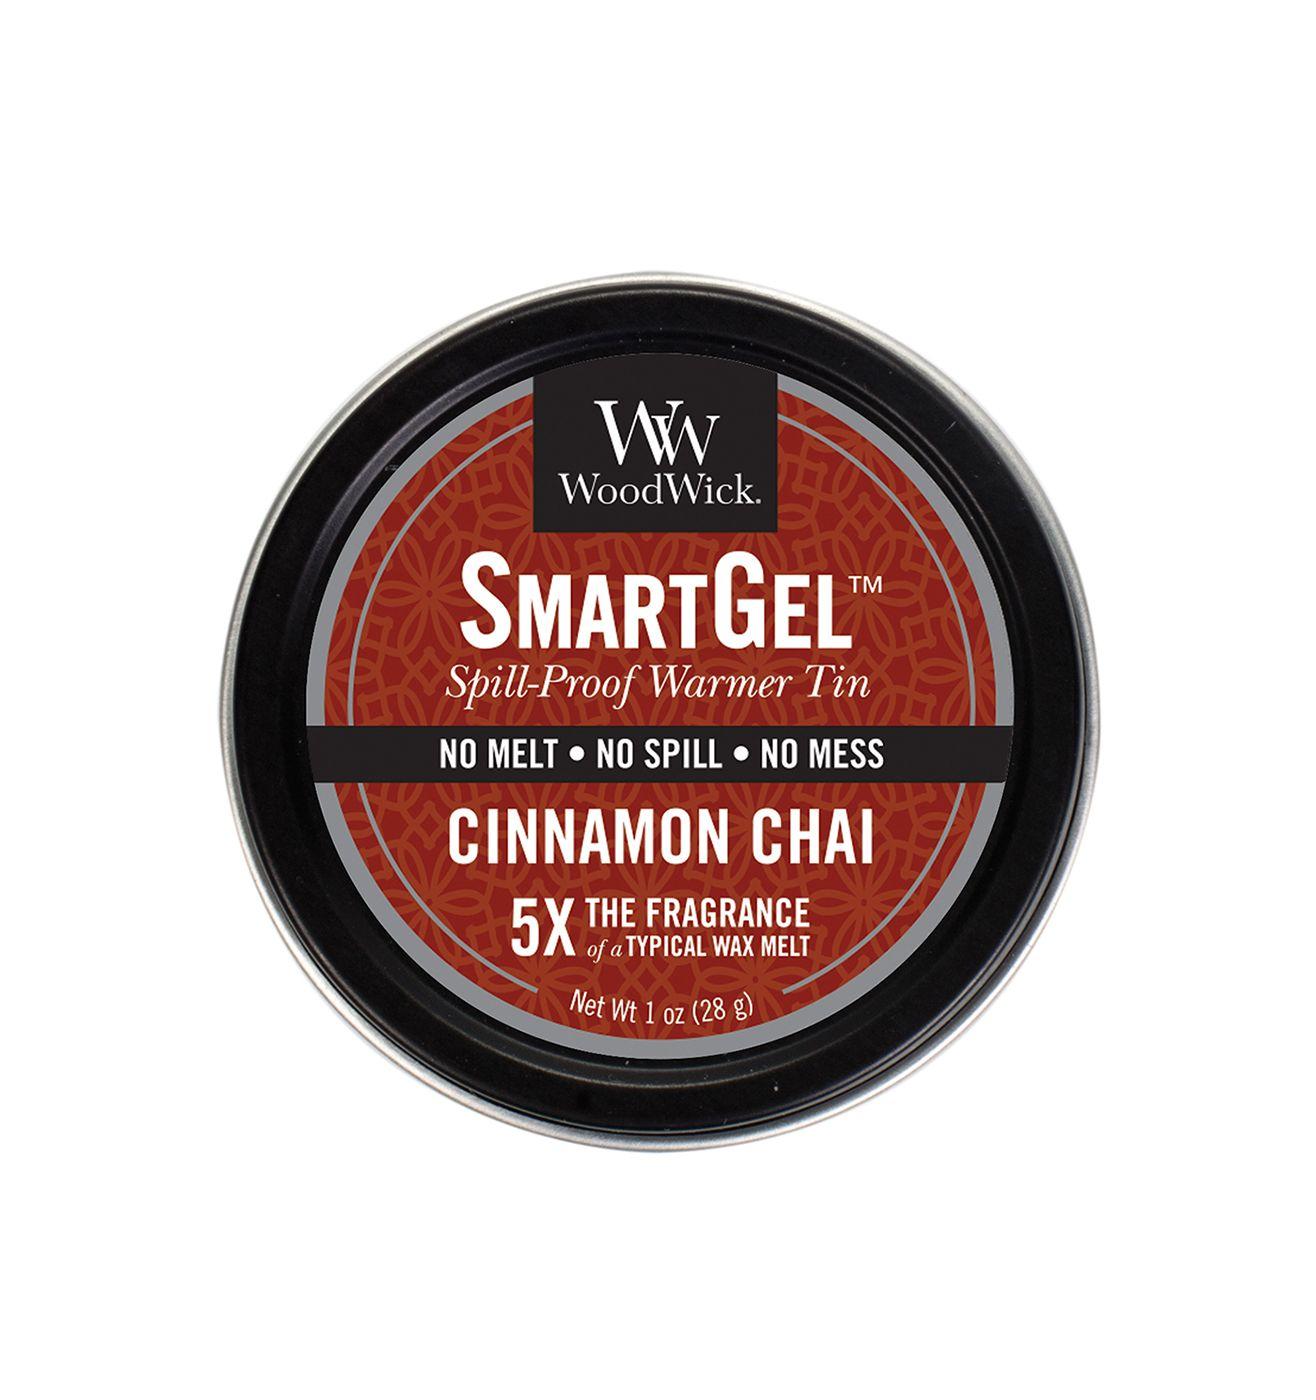 Woodwick Smart Gel Cinnamon Chai